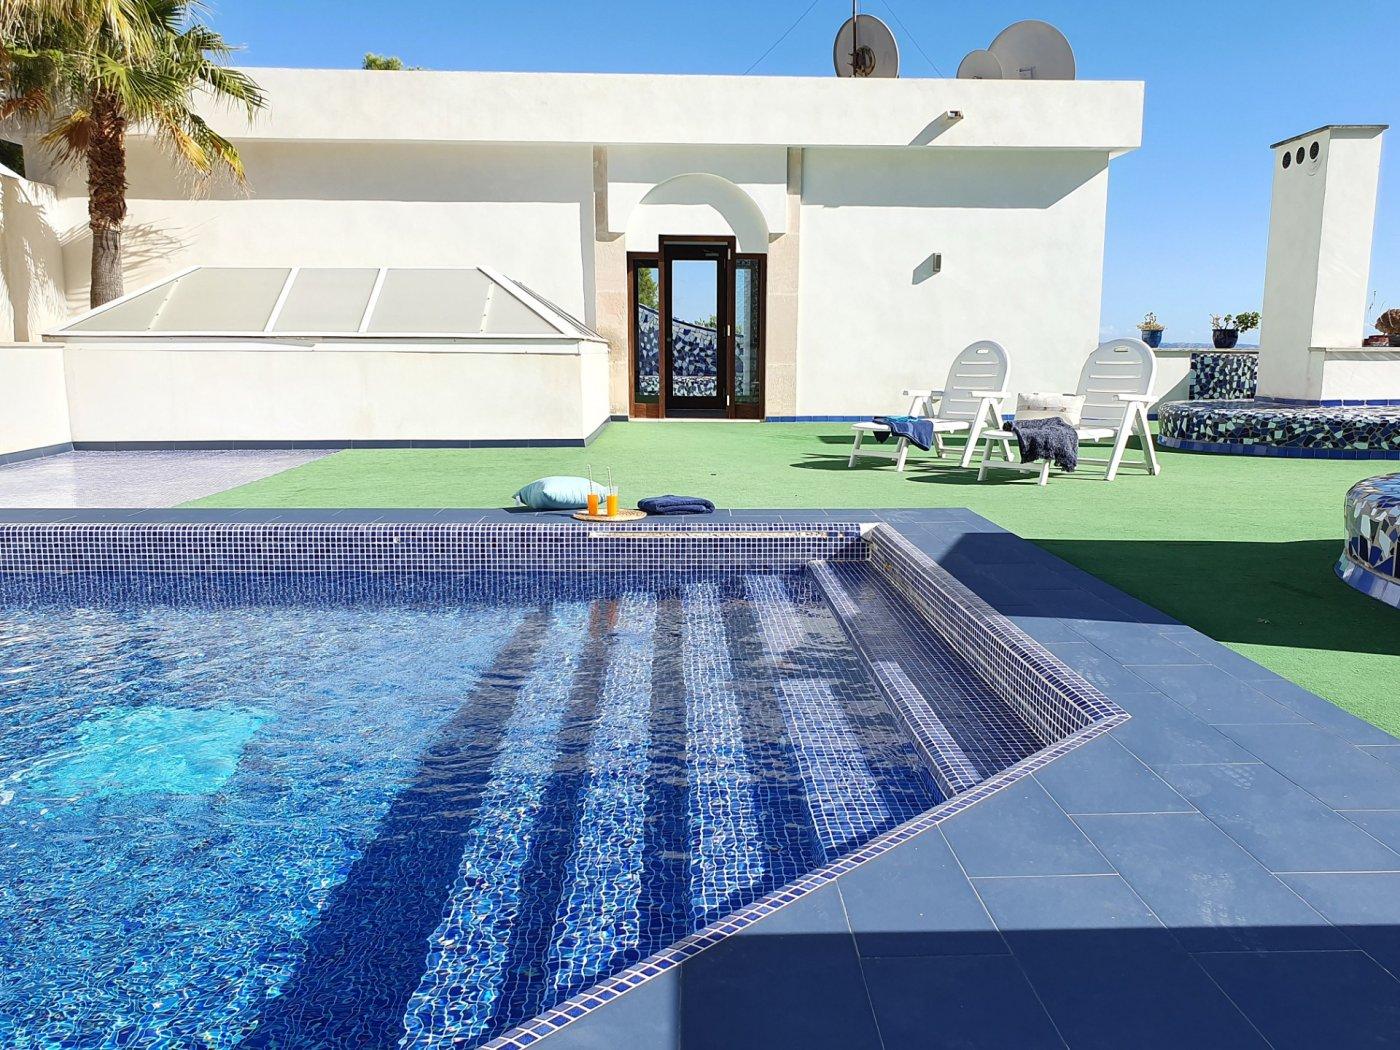 Exclusivo bajos con piscina y vistas al mar en cas català nou - imagenInmueble3